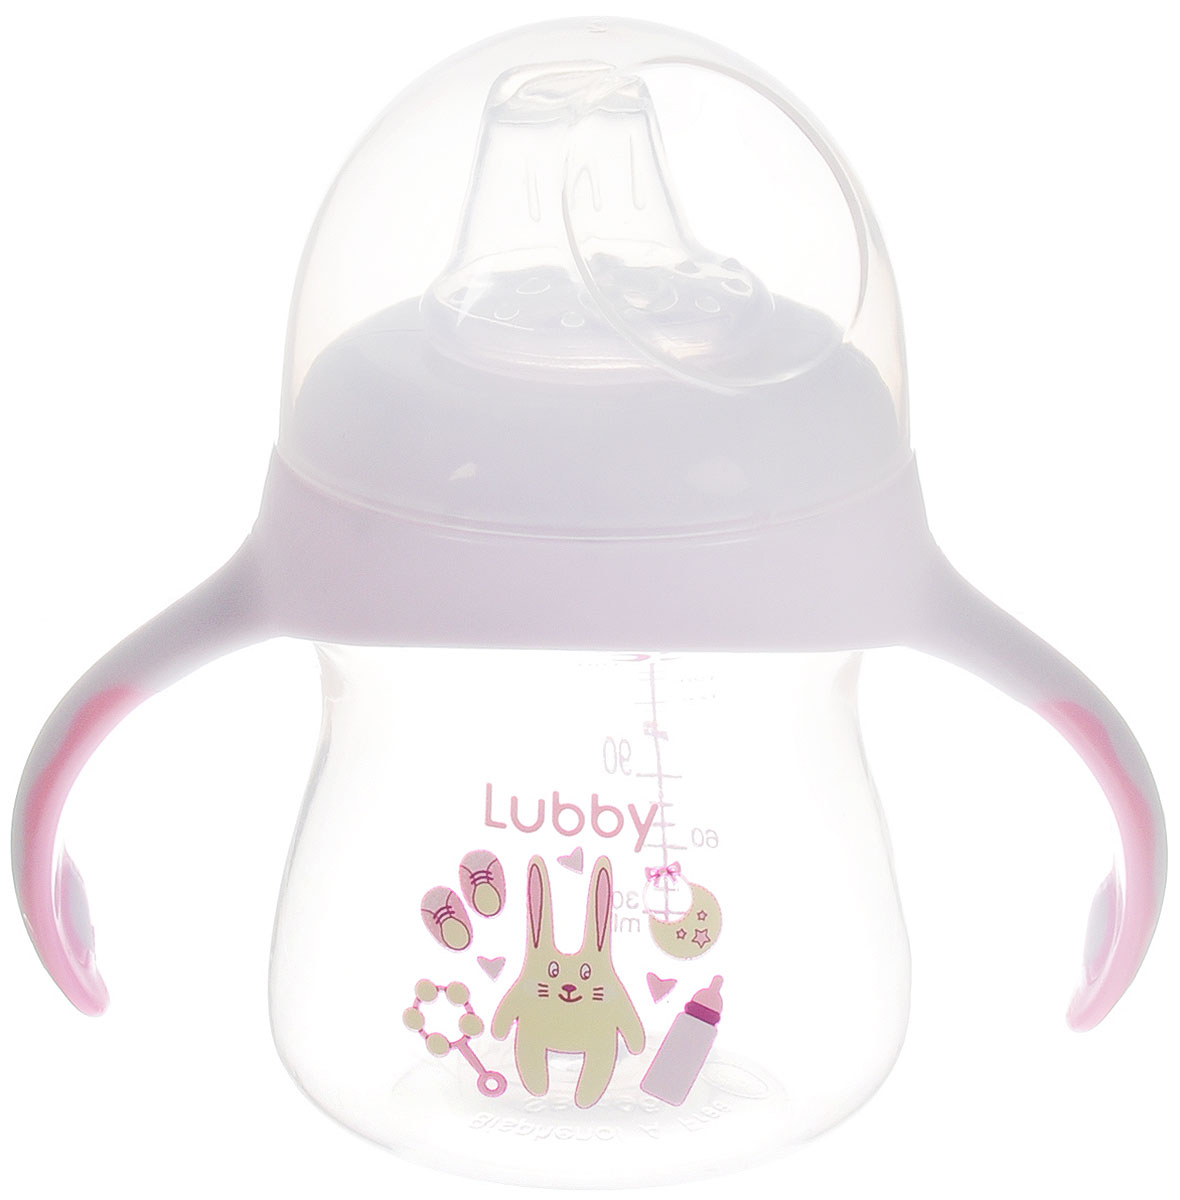 Lubby Поильник-непроливайка со сменным носиком Малыши и Малышки от 4 месяцев цвет светло-сиреневый 150 мл -  Поильники